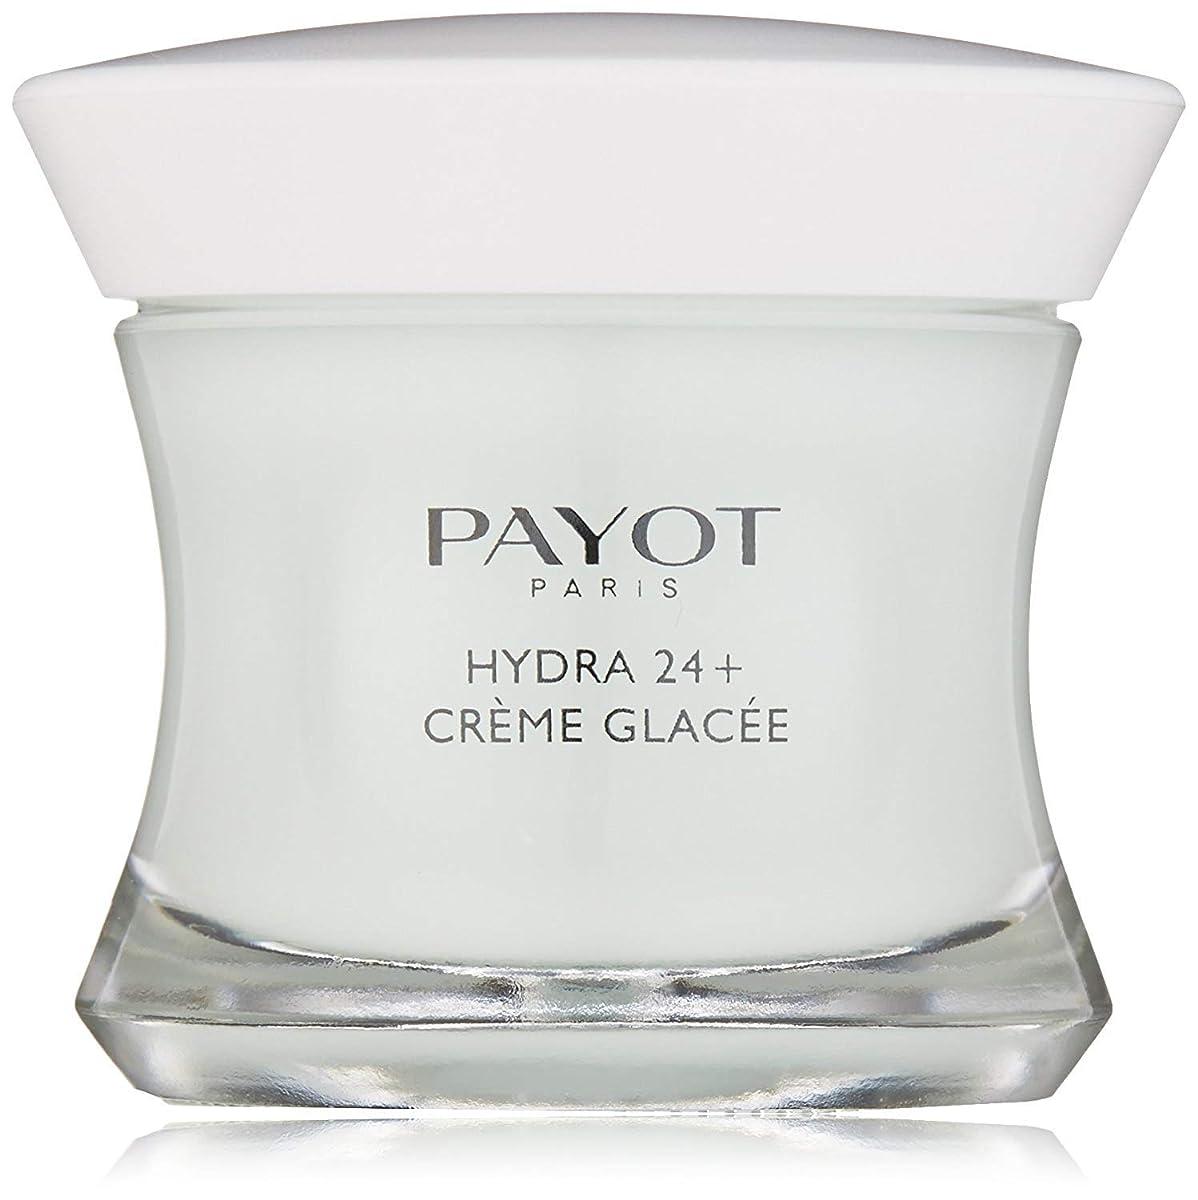 レギュラー硬化するハチ[PAYOT] [ Hydra 24 + Crème Glacee 50 ml] (並行輸入品)